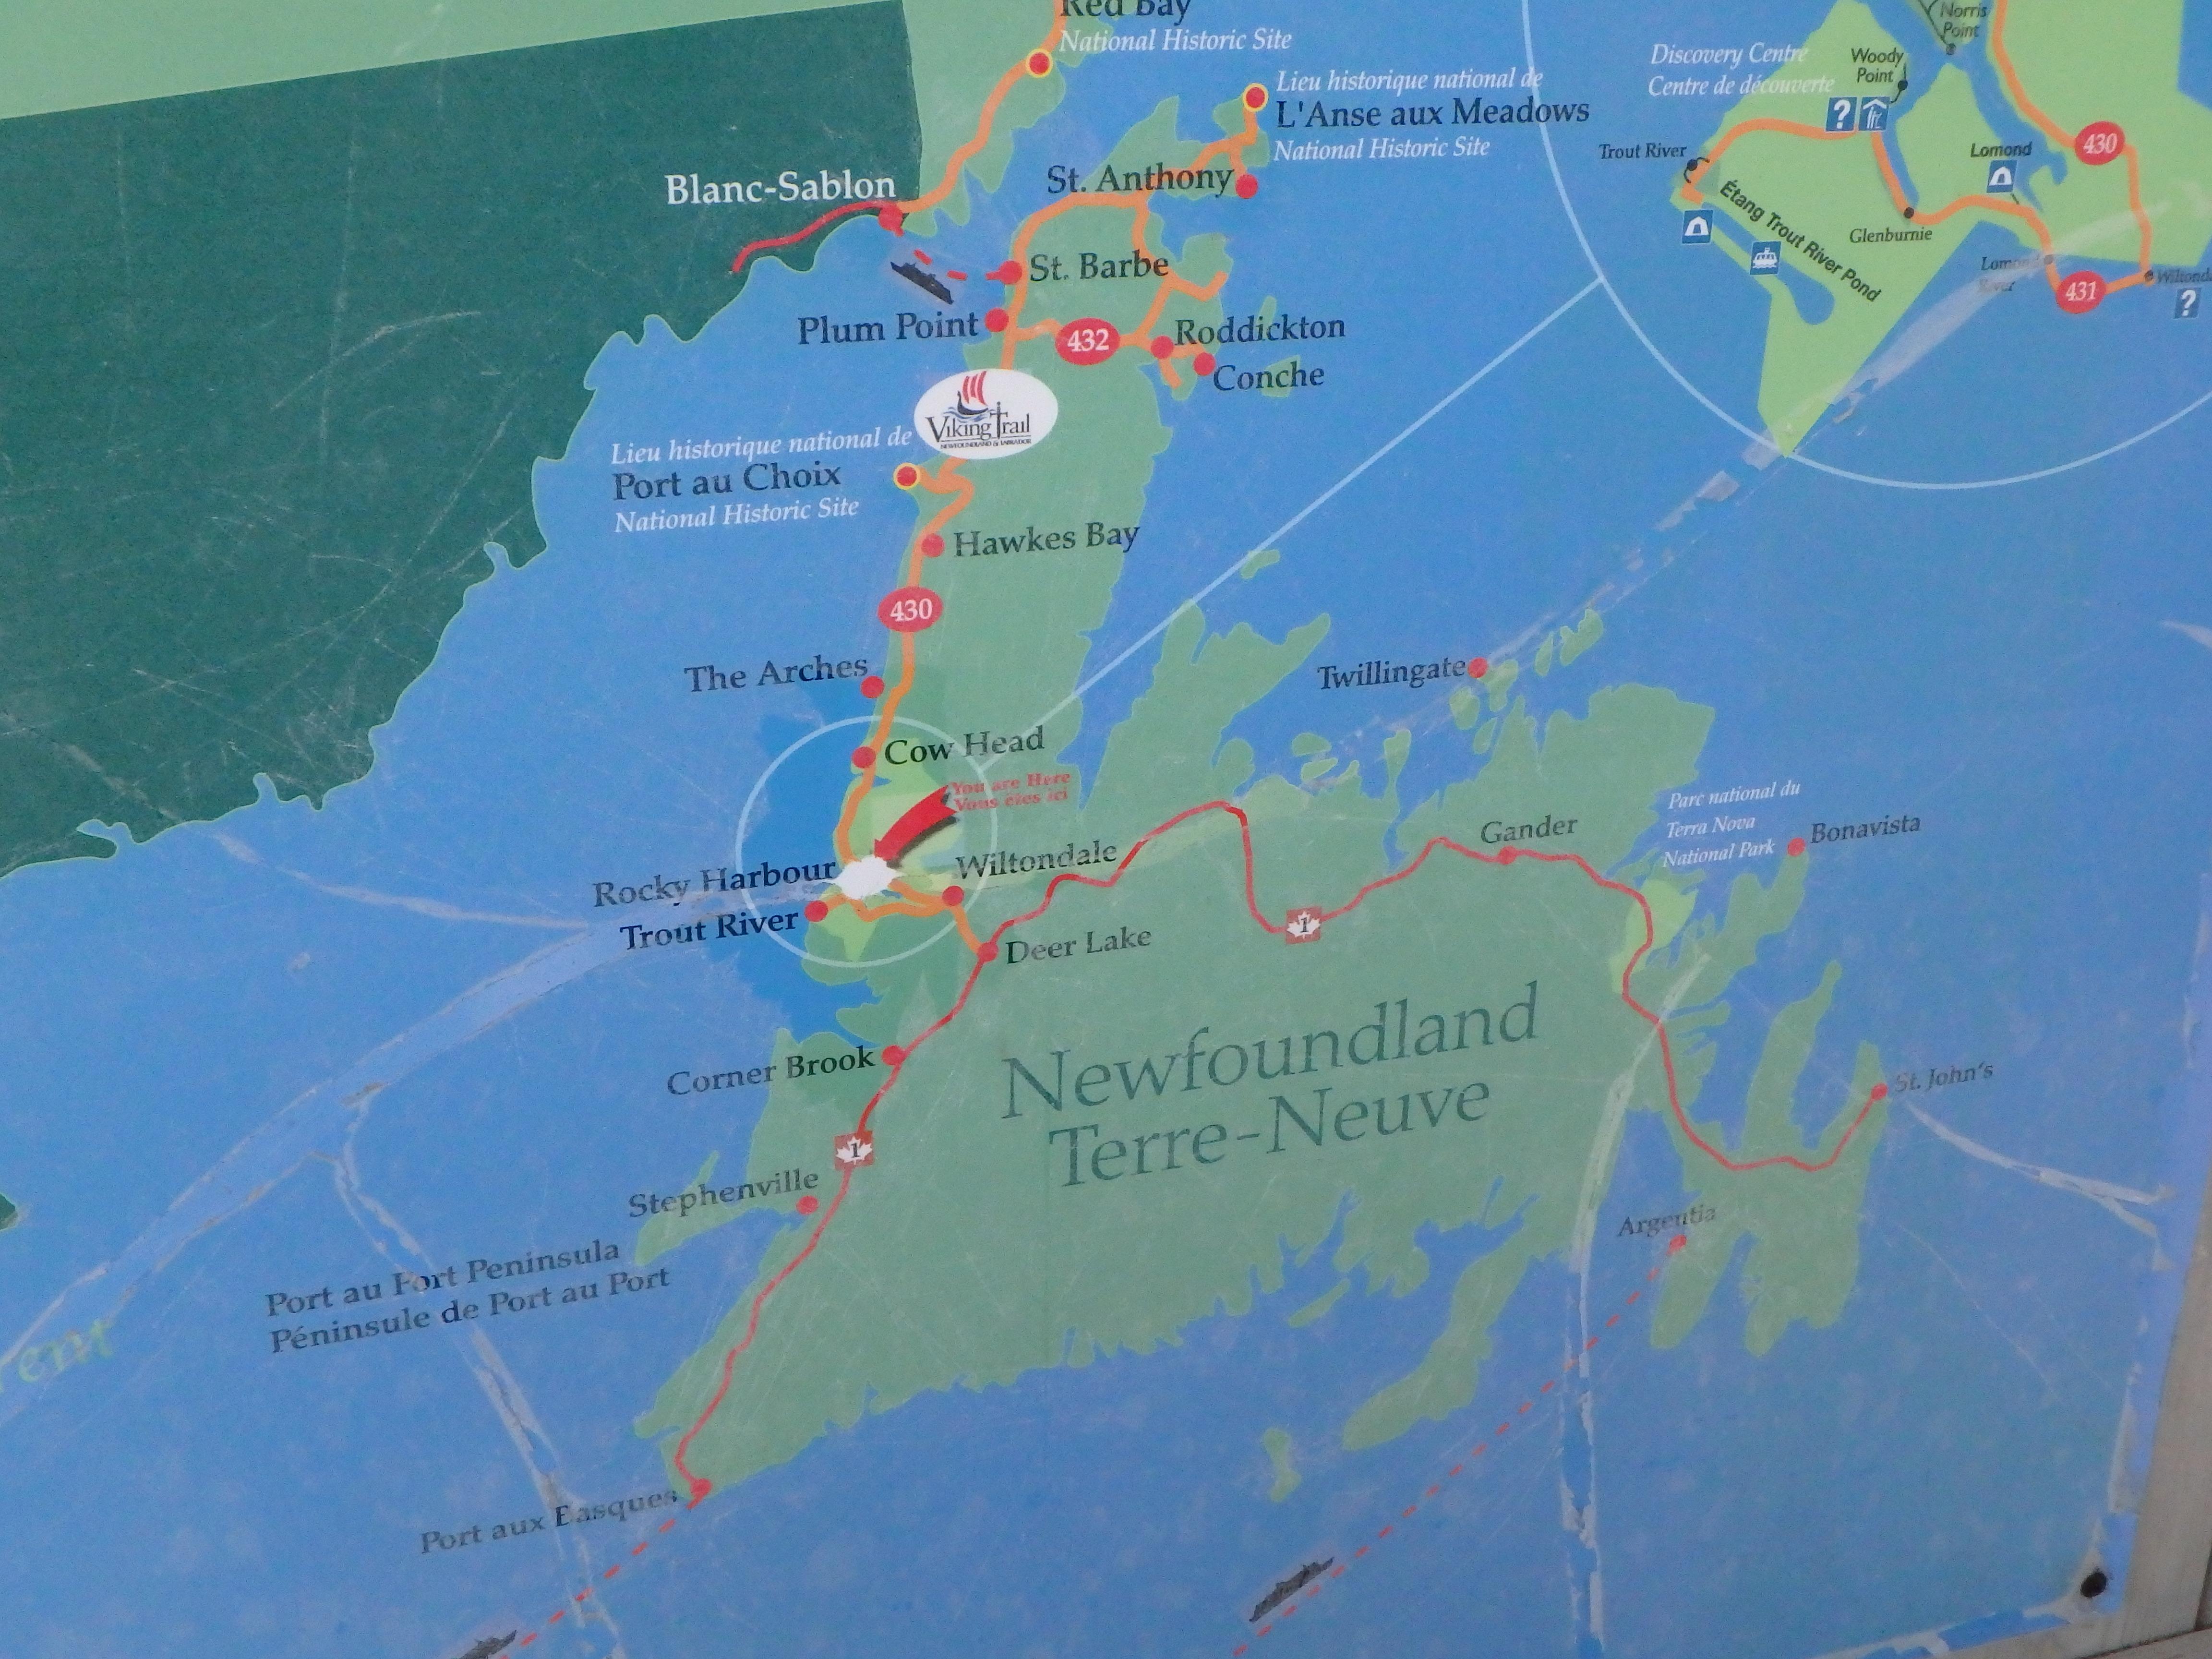 Newfoundland Map; Bonne Bay Marine Station, Newfoundland; 2015